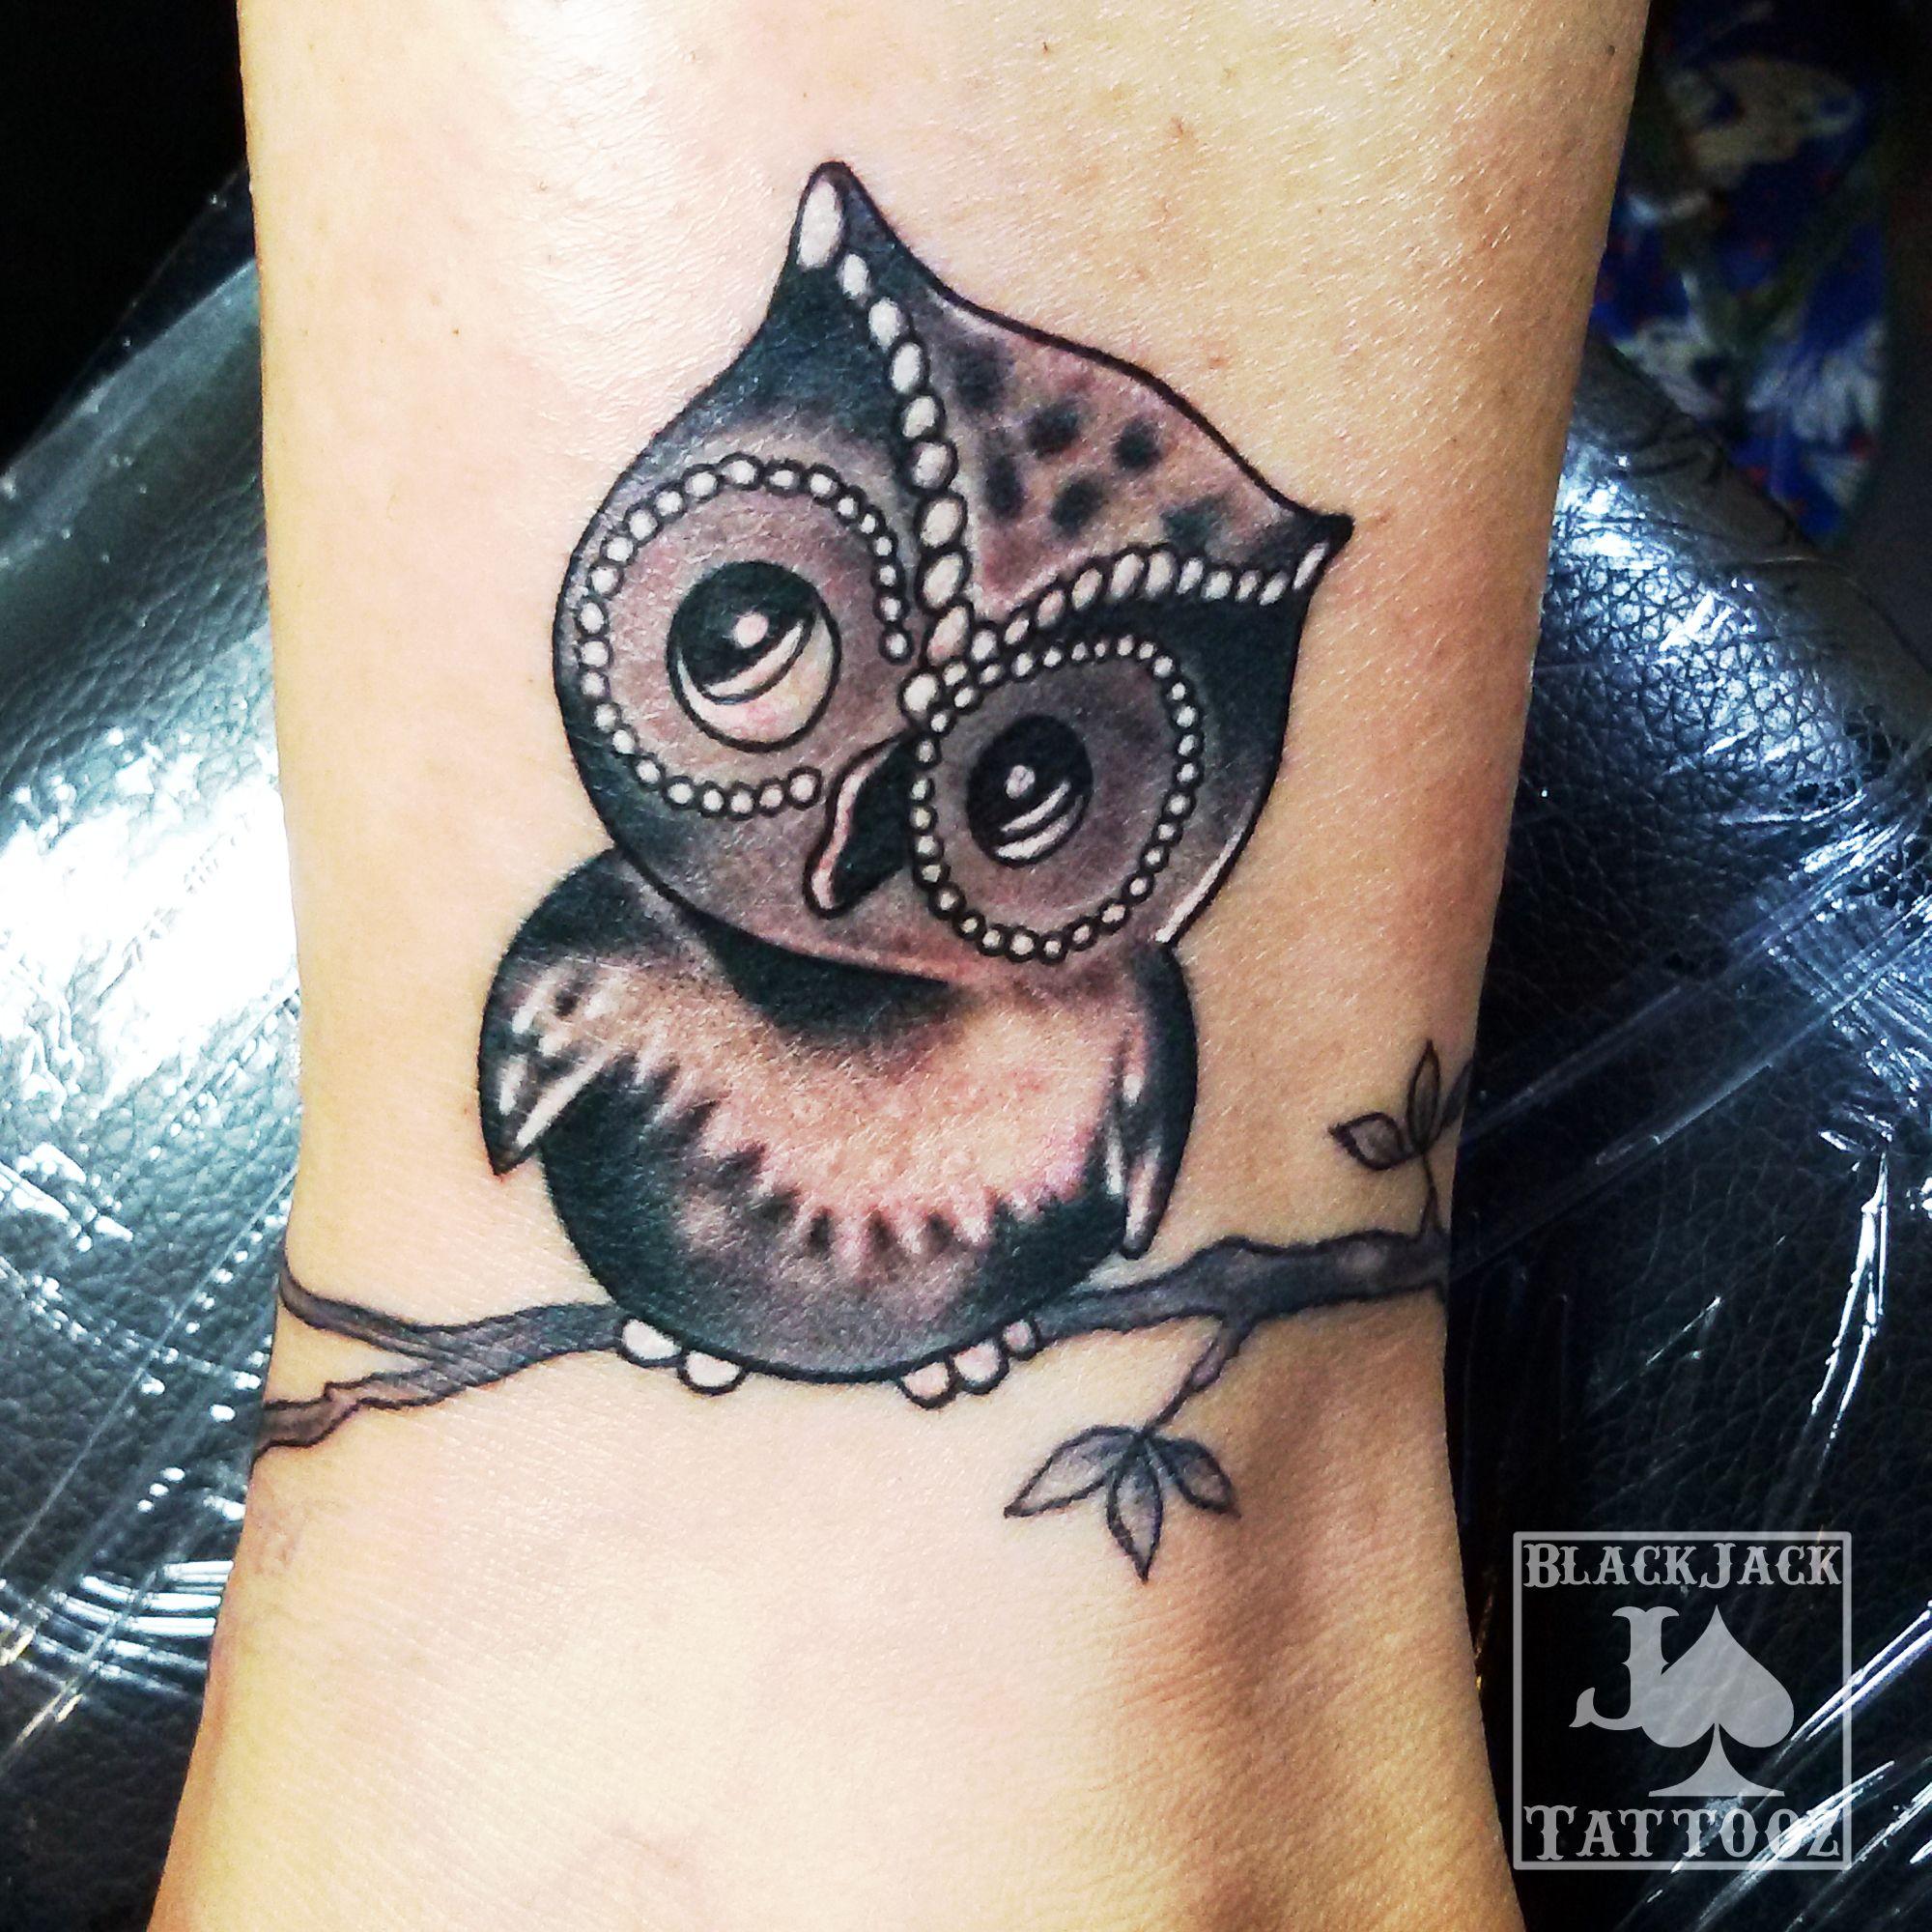 New Work Of Small Black And Gray Owl Tattoo Blackandgraytattoo Owltattoo Smalltattoo Theblackjacktattoo Tatt Cute Owl Tattoo Cover Up Tattoos Cover Tattoo